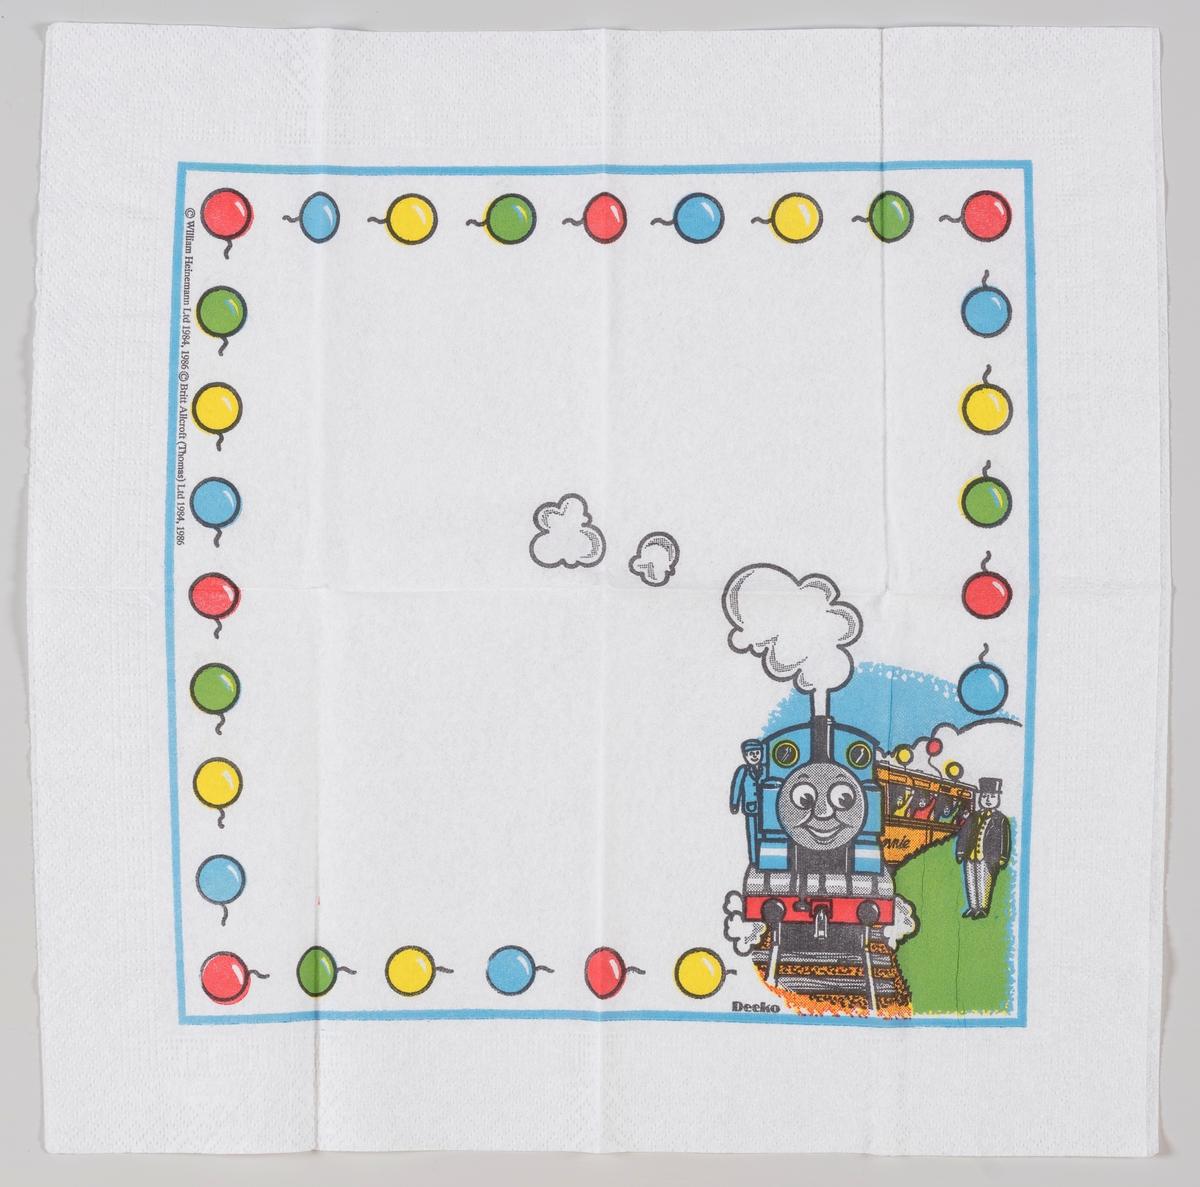 Toget Thomas, en konduktør og en rekke med ballonger langs kanten.  Toget Thomas og vennene hans er en britisk animert TV-serie for barn som kom i 1984.